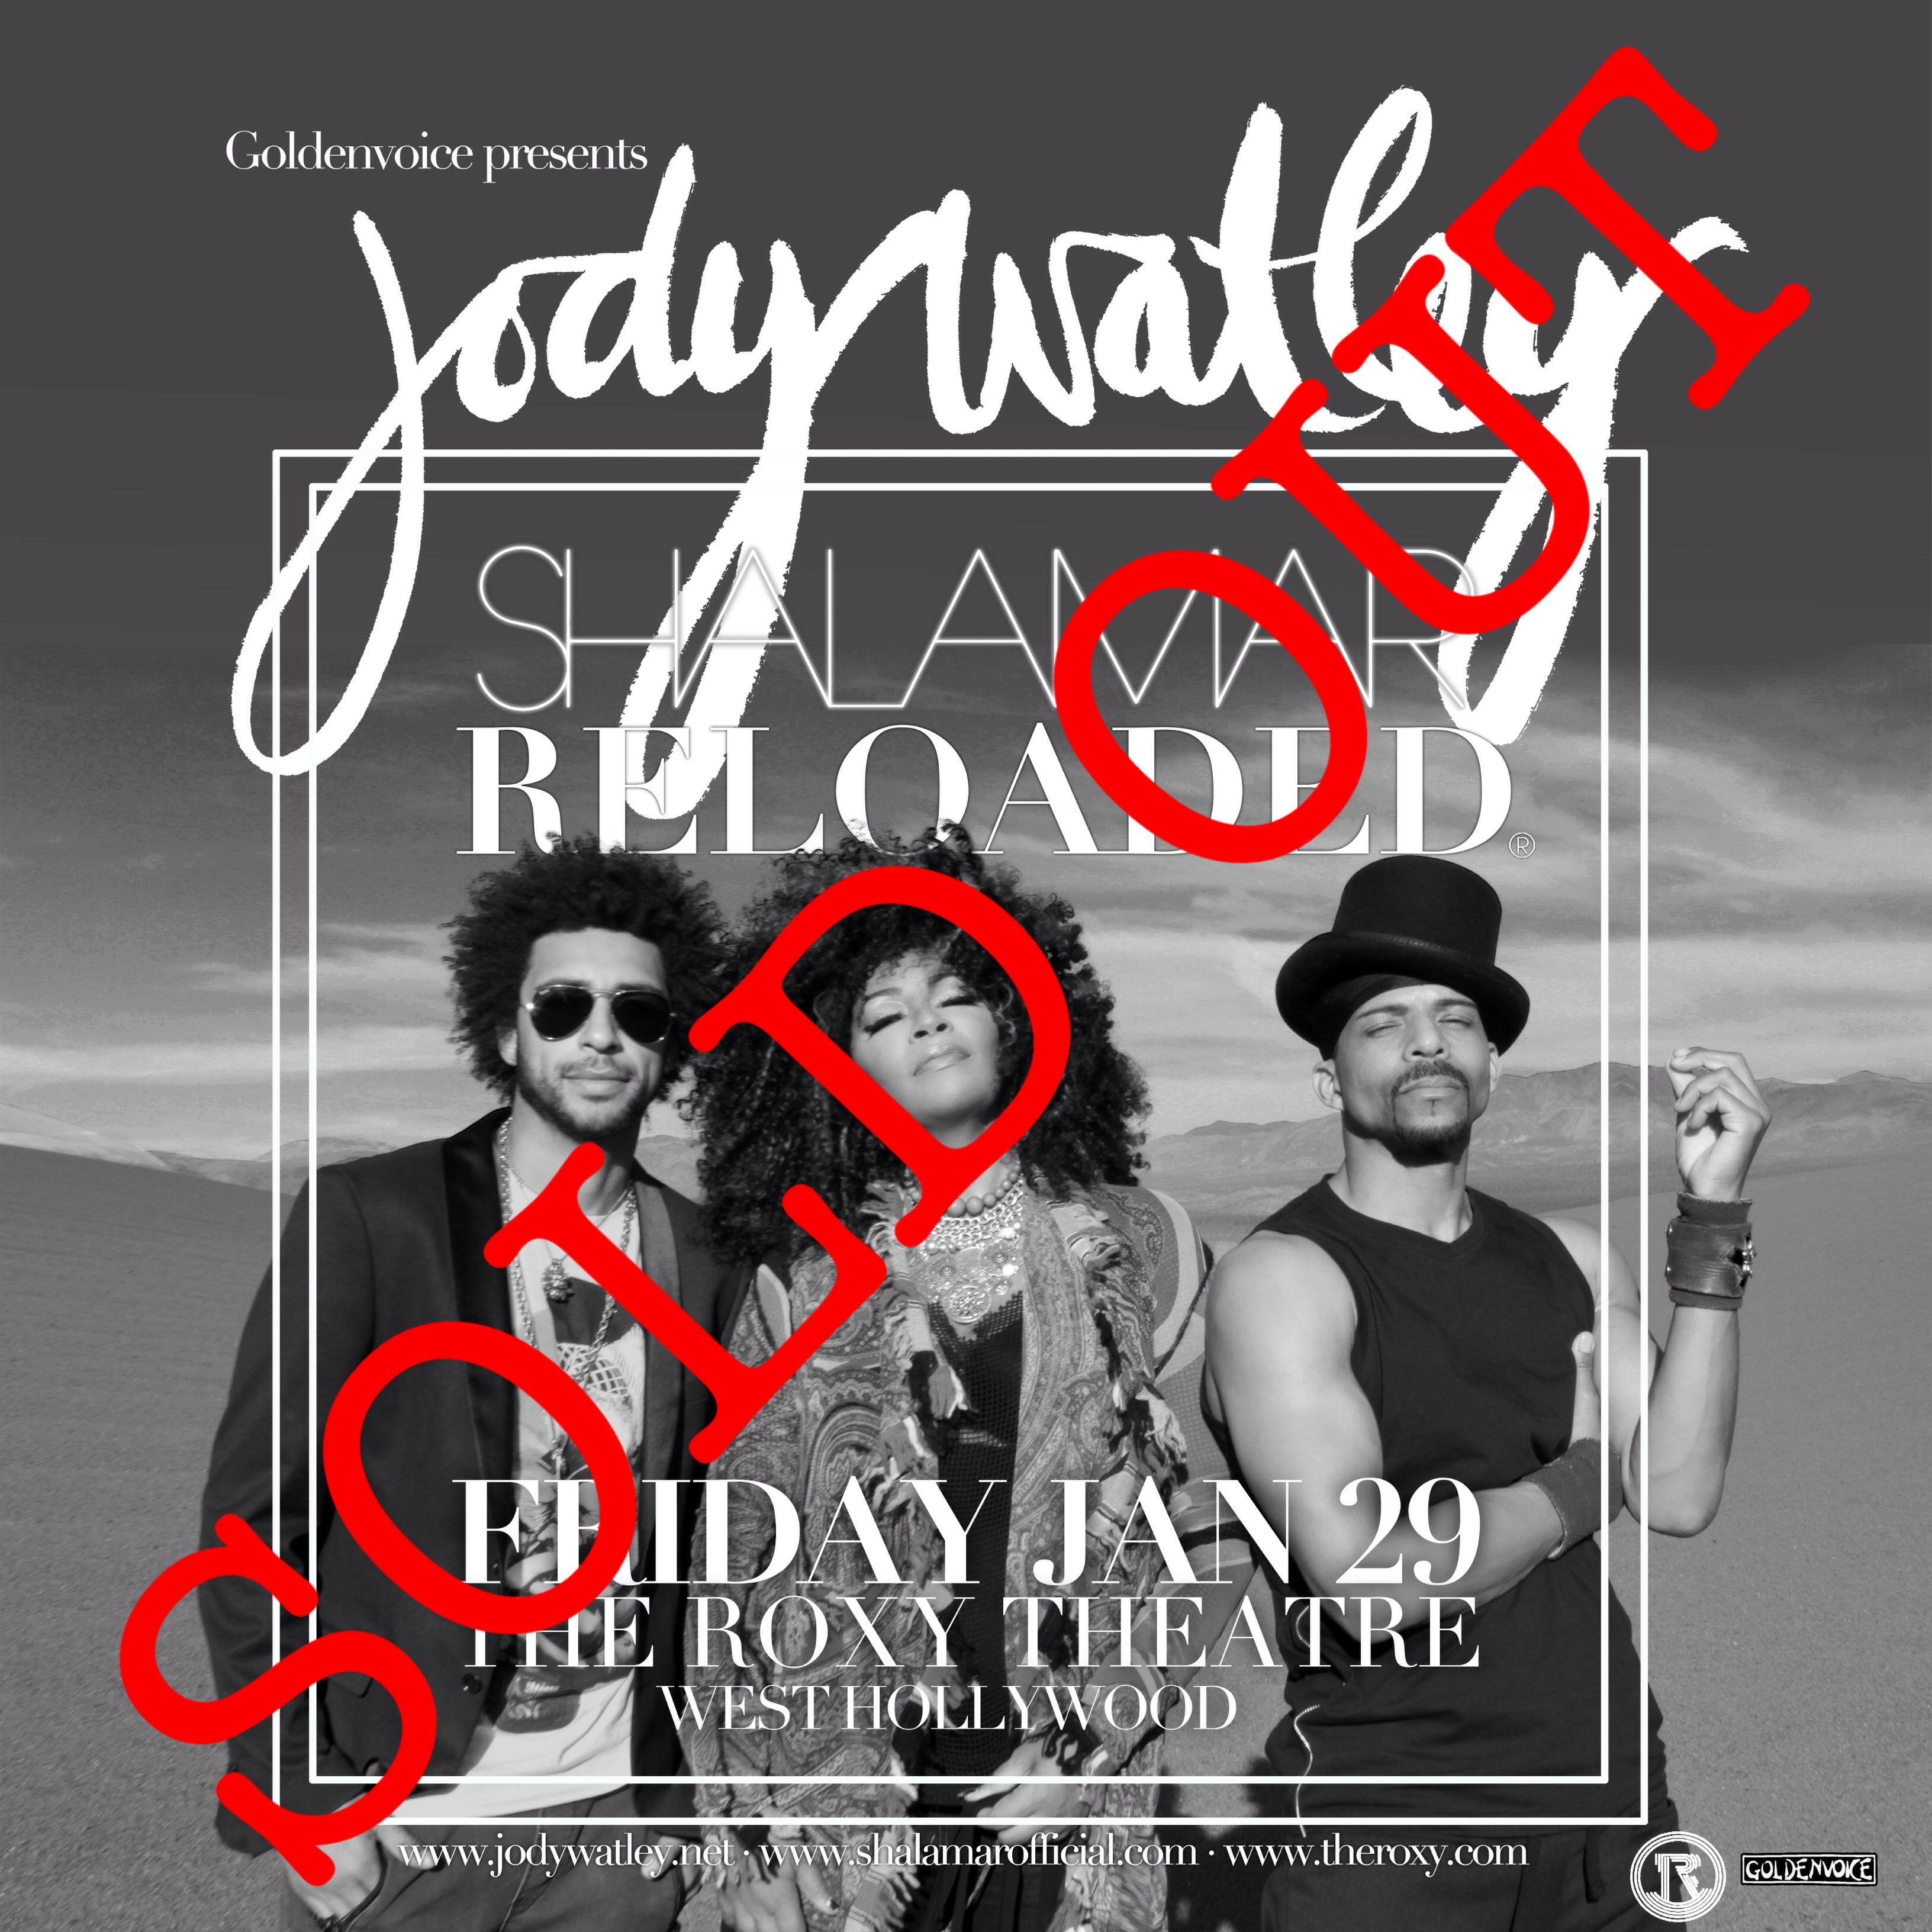 jodywatley_shalamarreloaded_theroxy_soldout_flyer